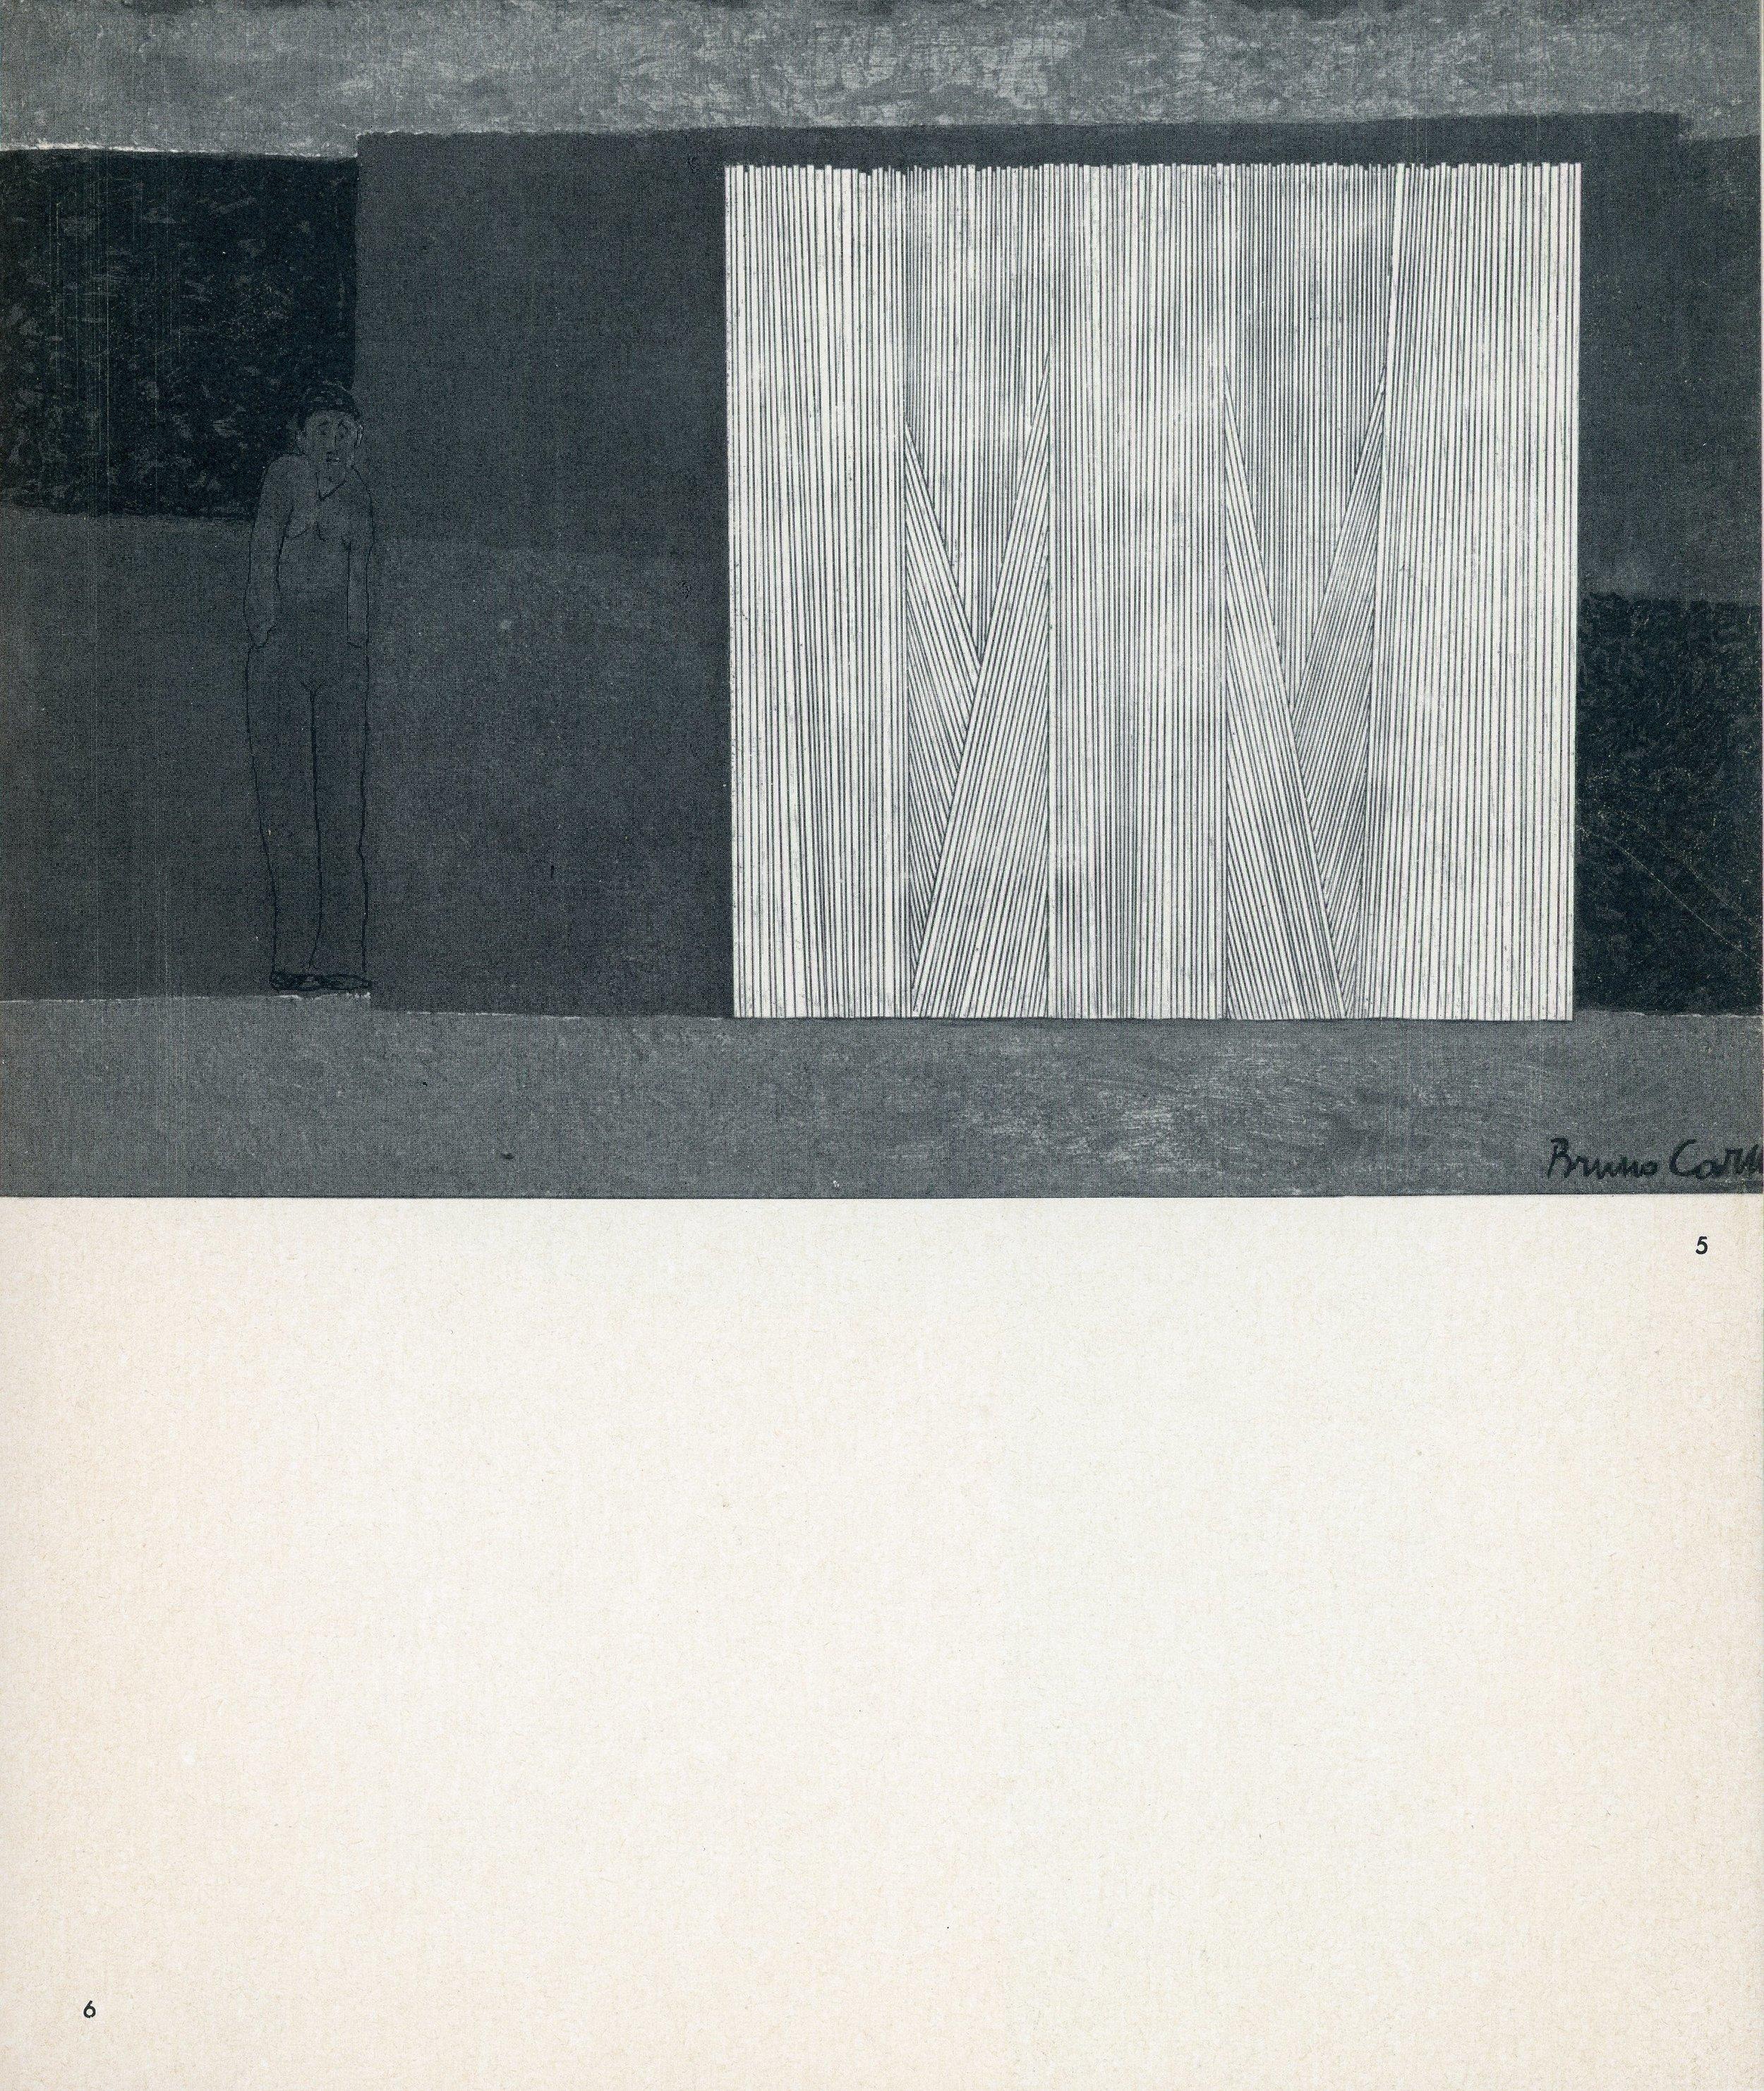 1959-06 Rive Gauche - Bruno Caruso_09.jpg